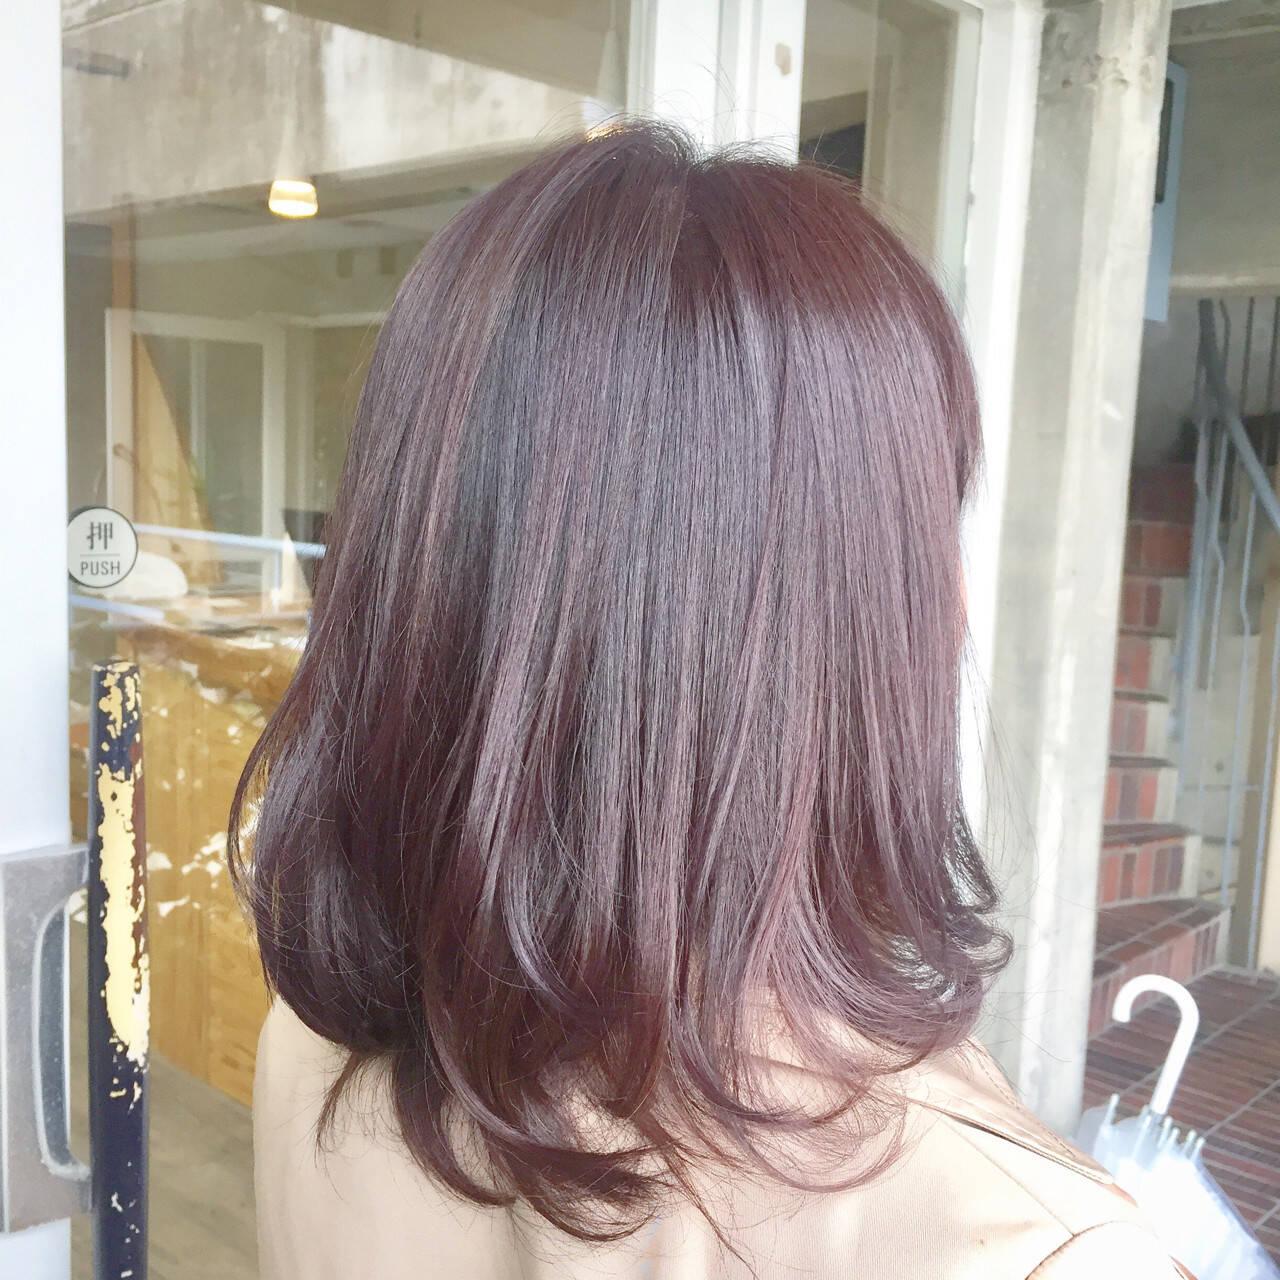 セミロング ピンク ガーリー パープルヘアスタイルや髪型の写真・画像